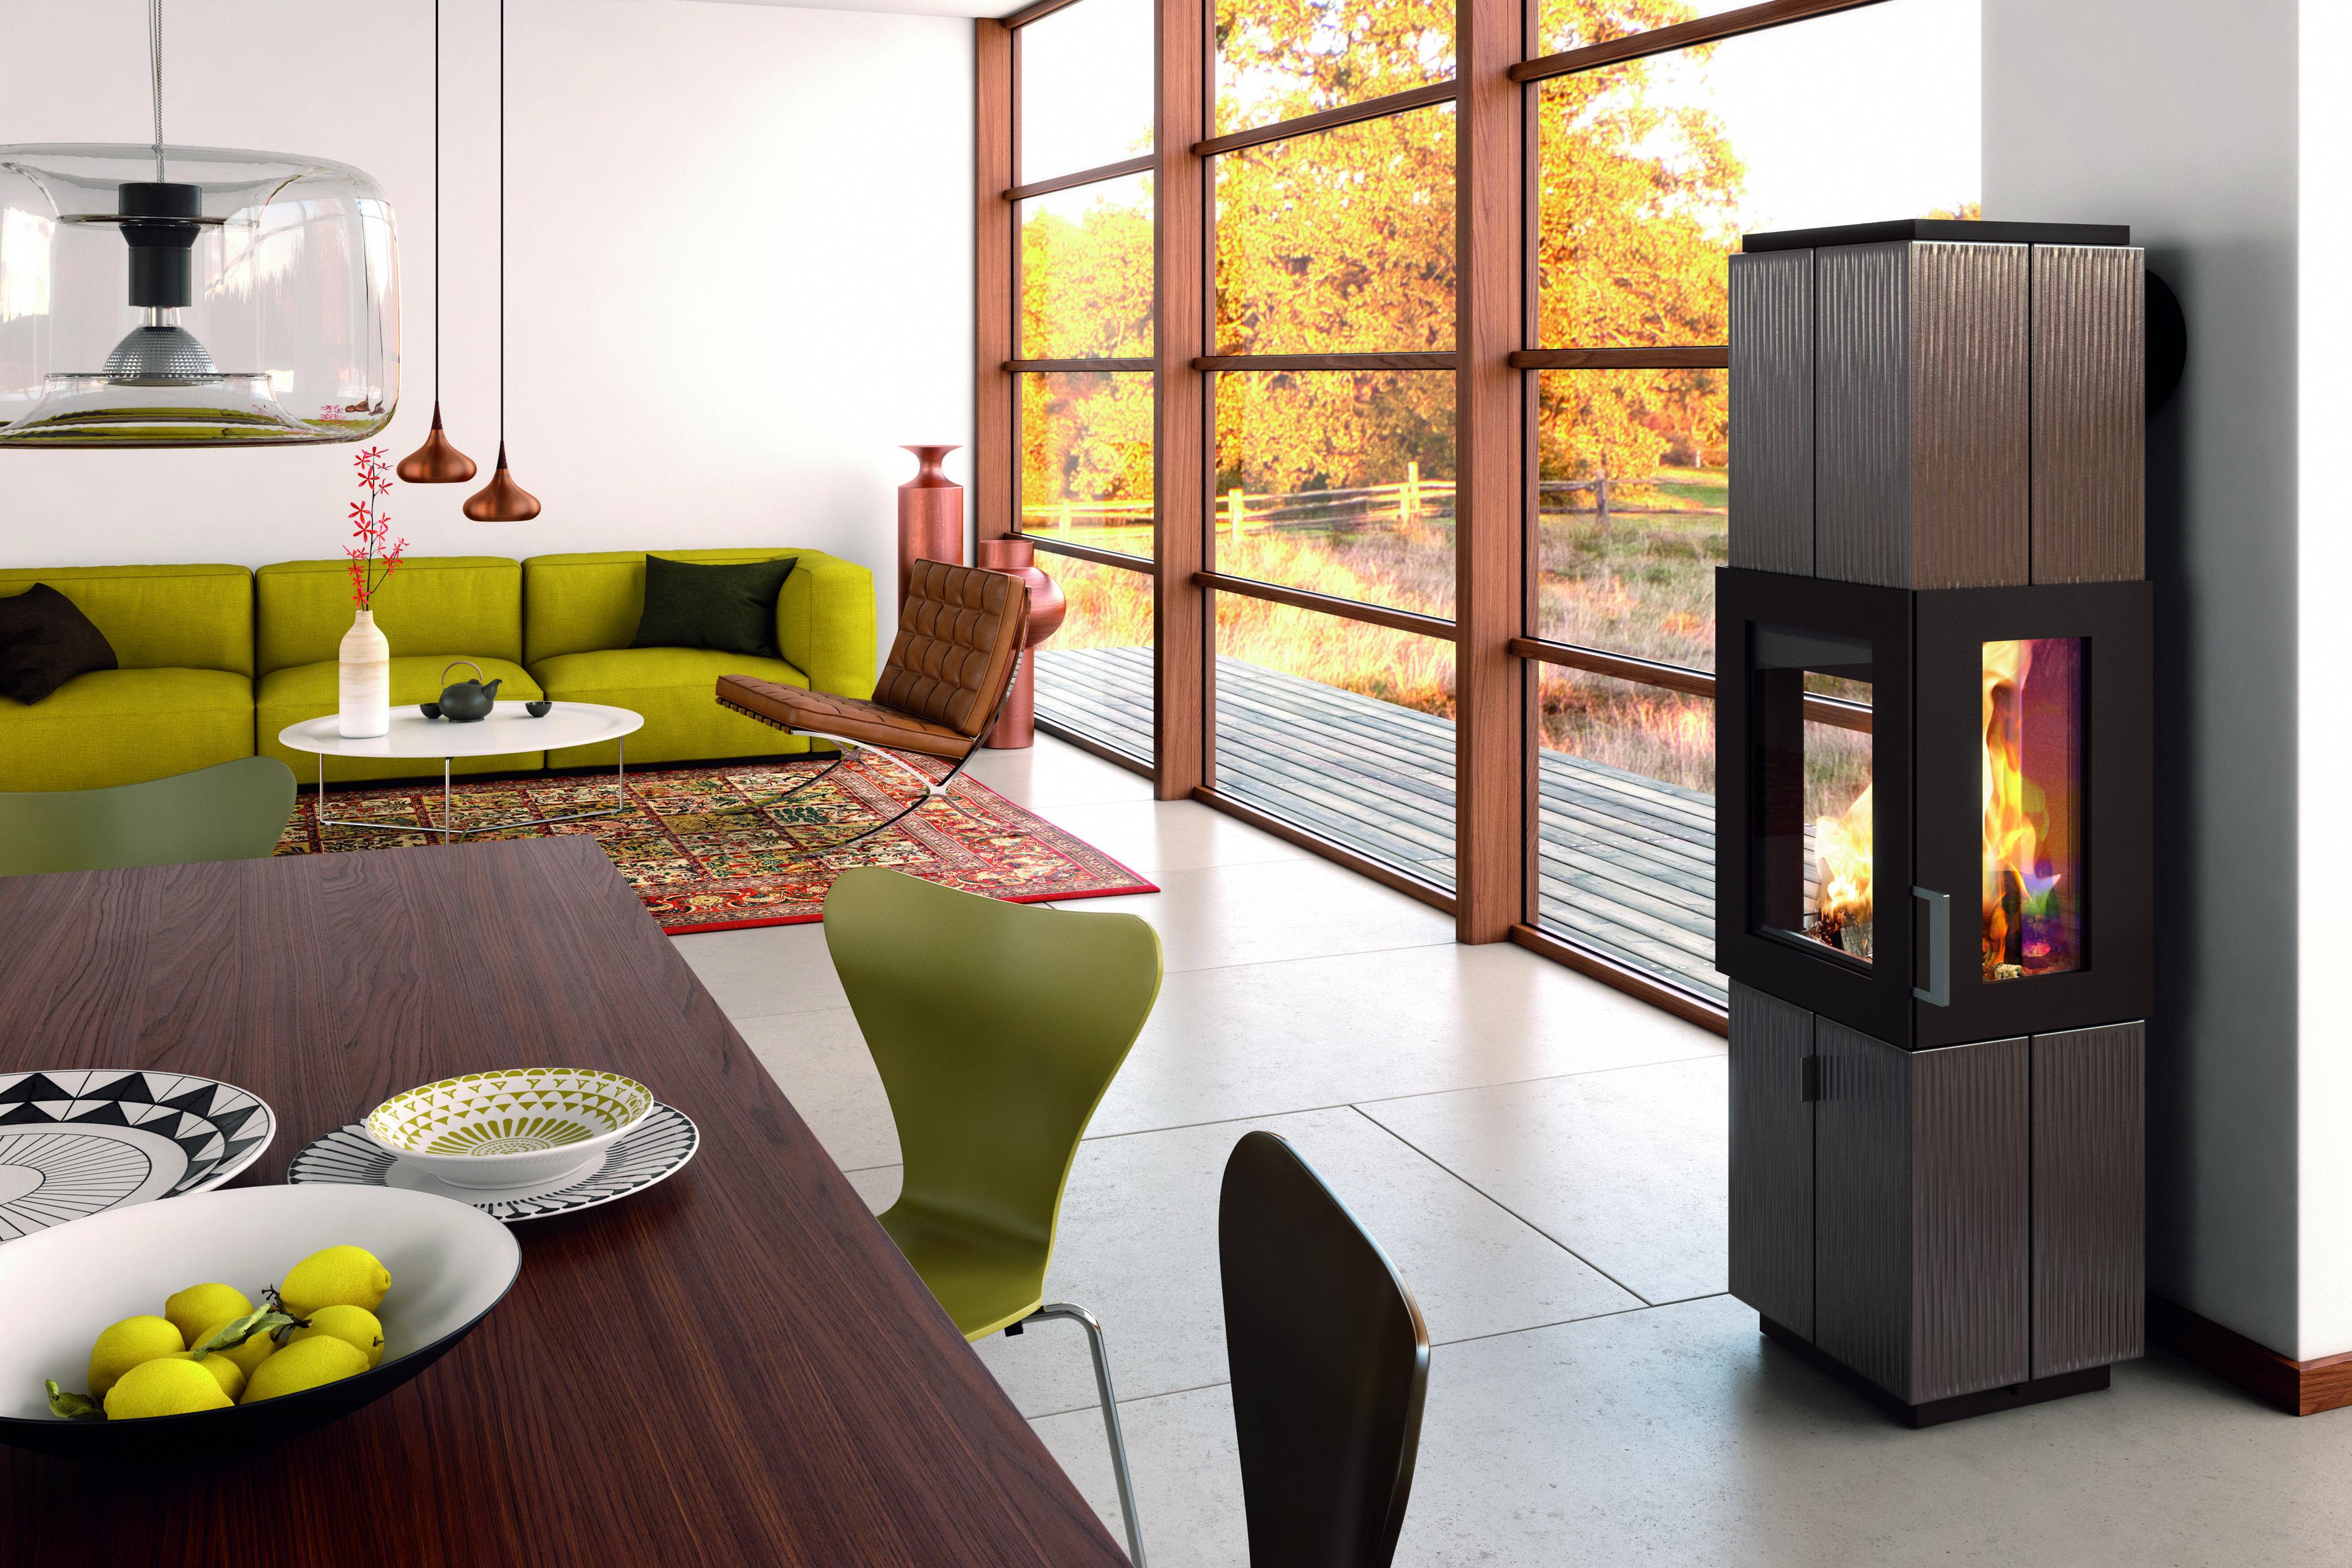 Ein Kaminofen ist modern und macht ein Zuhause gemütlich. Neben dem ...